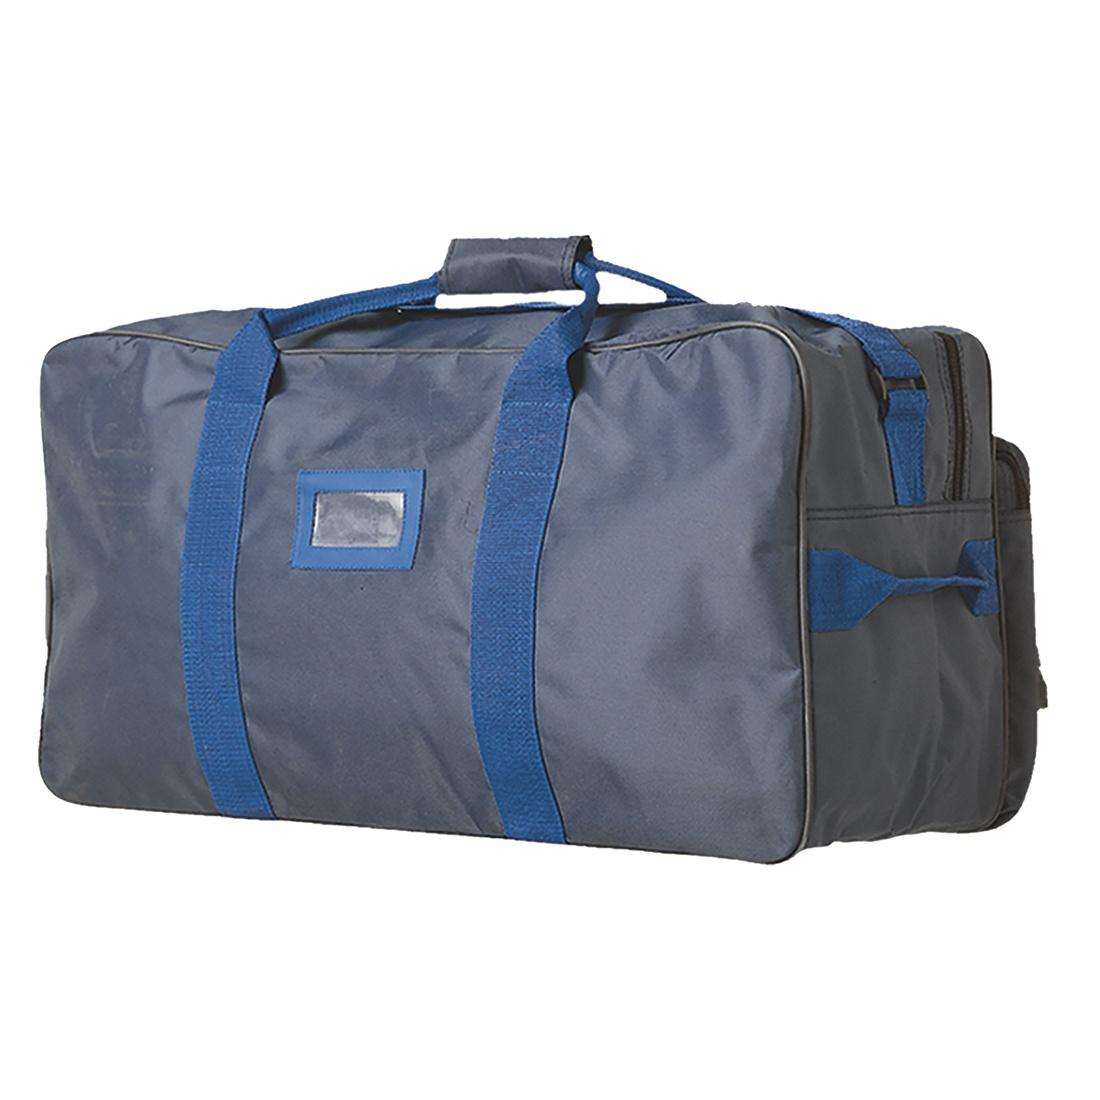 Portwest Travel Bag Navy